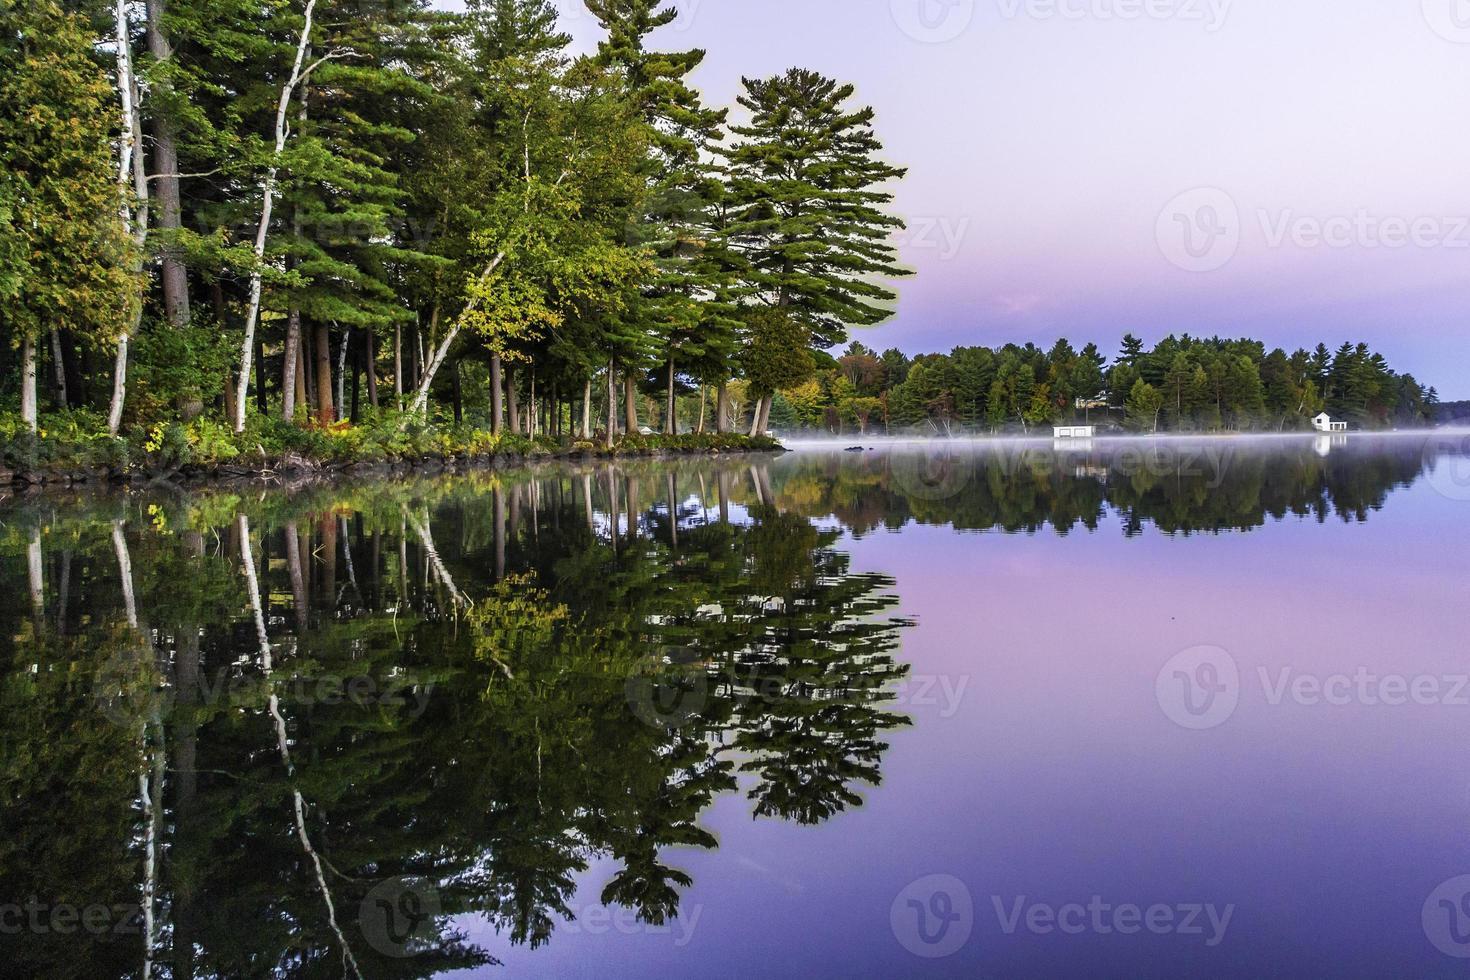 muskoka ochtend op het meer foto